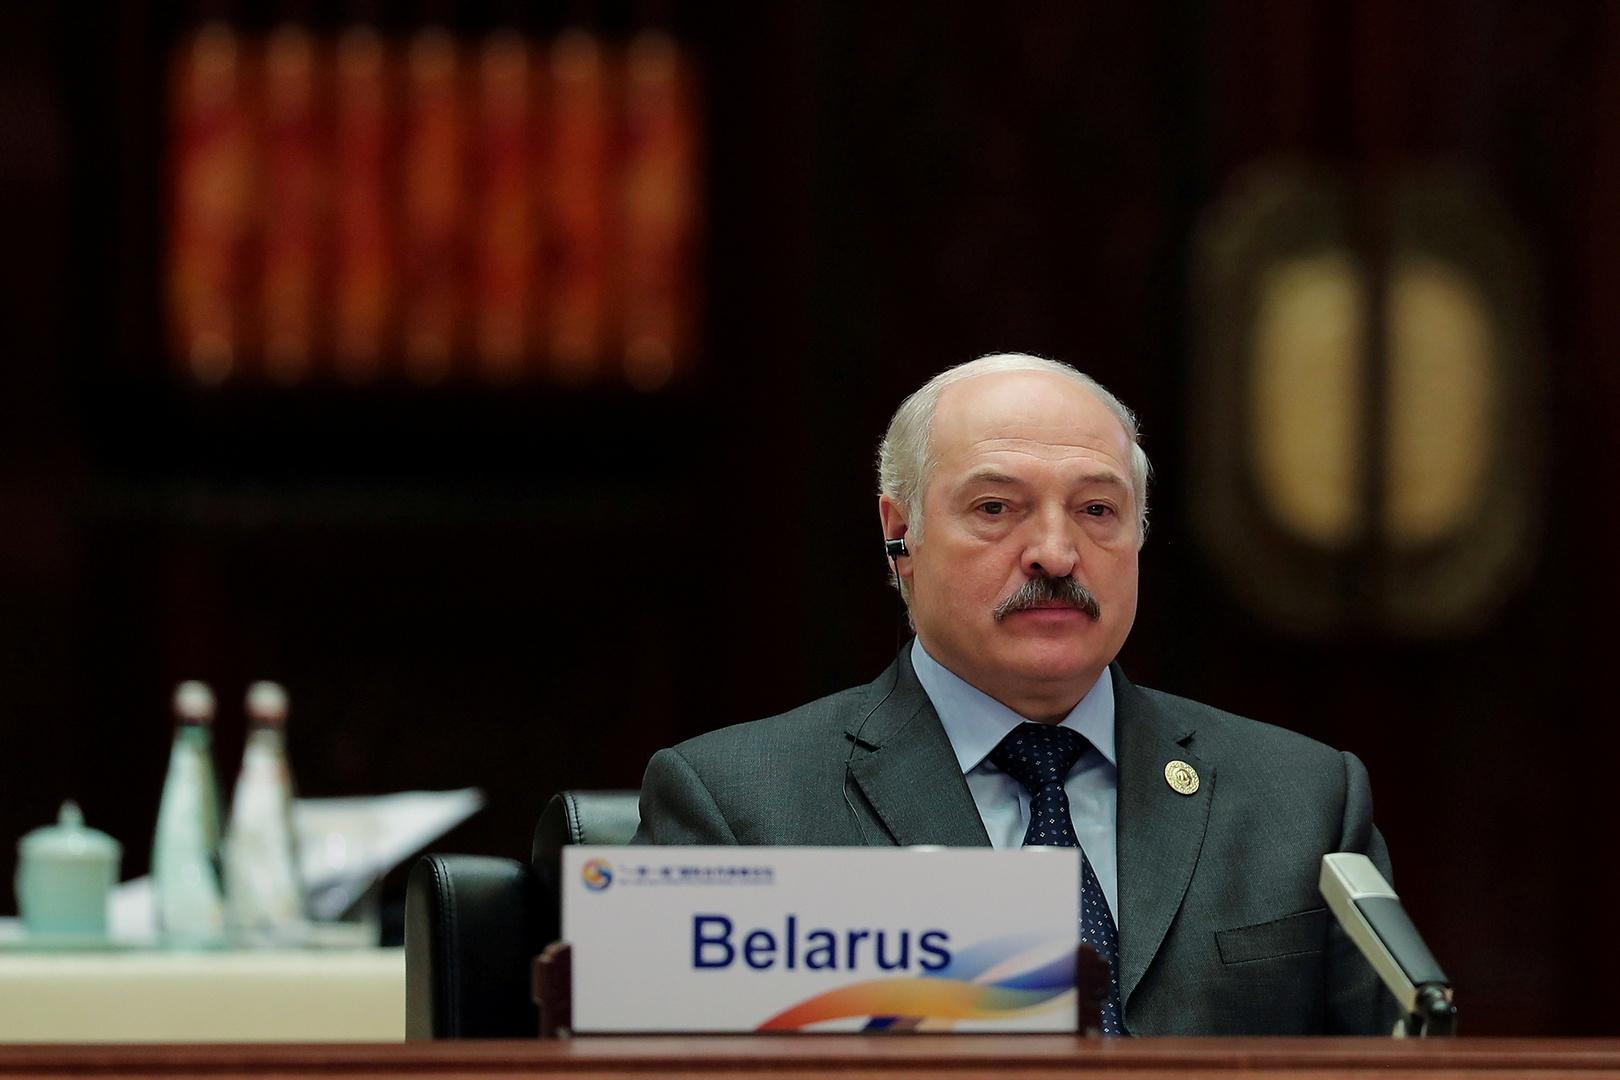 الرئيس البيلاروسي: الغرب سيخسر أكثر من قرار تعليق الطيران عبر الأجواء البيلاروسية